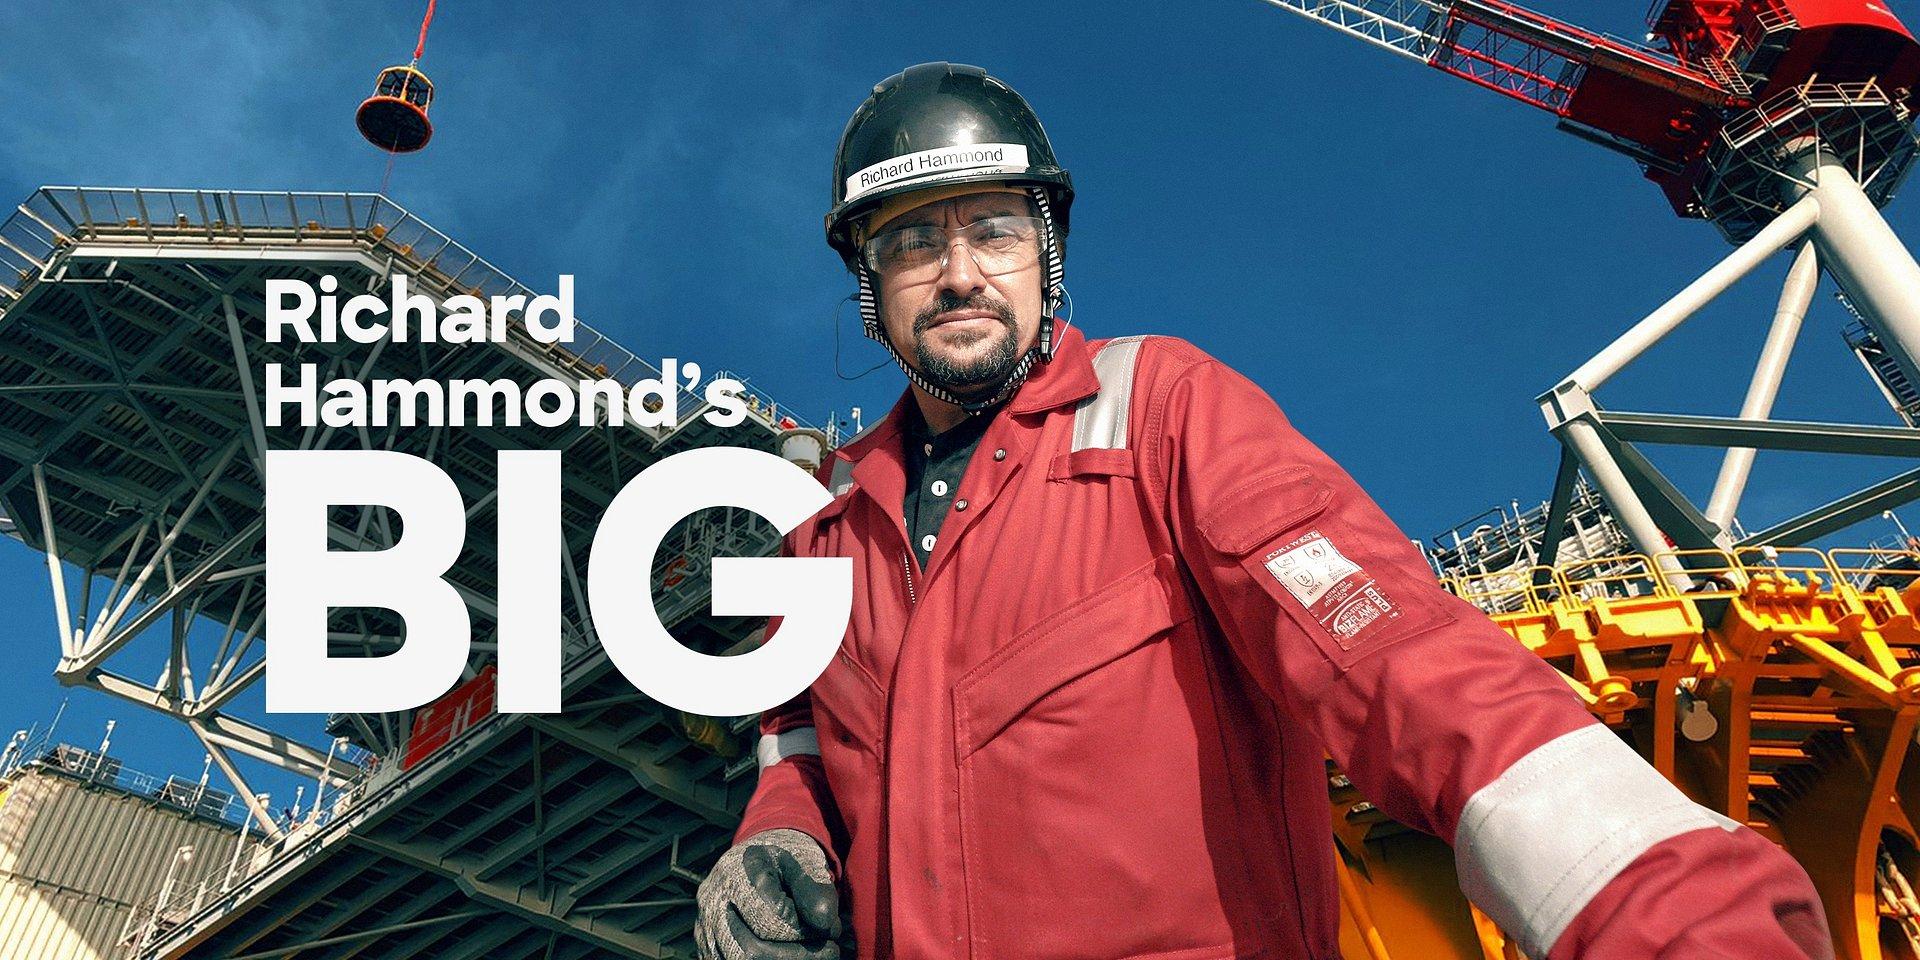 Gigantyczne konstrukcje według Hammonda - platforma wiertnicza w Zatoce Meksykańskiej